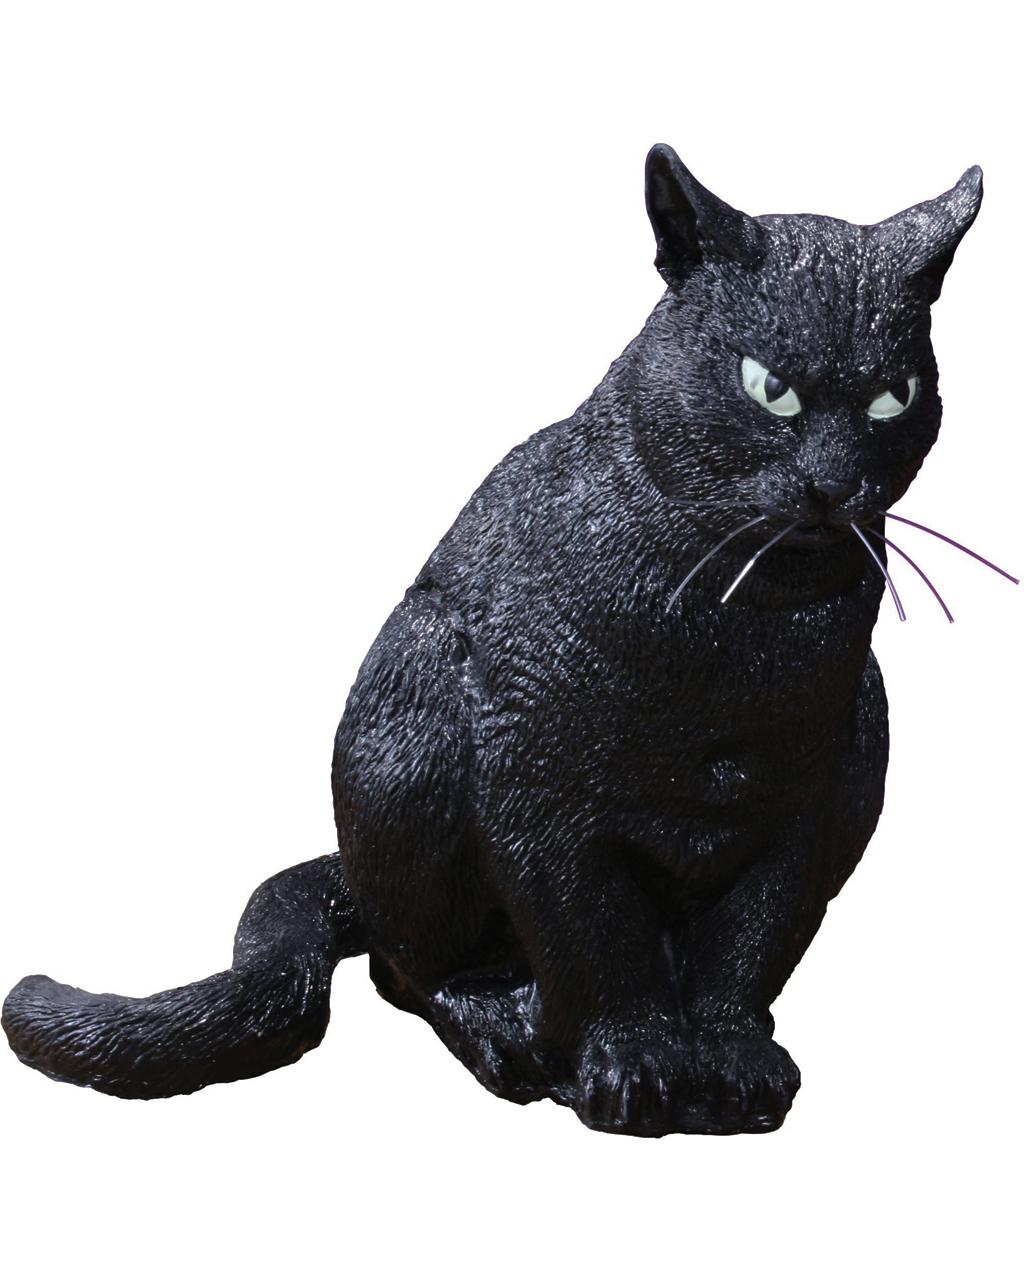 Schwarze Hexen Katze 33 Cm Halloween Deko Karneval Universe